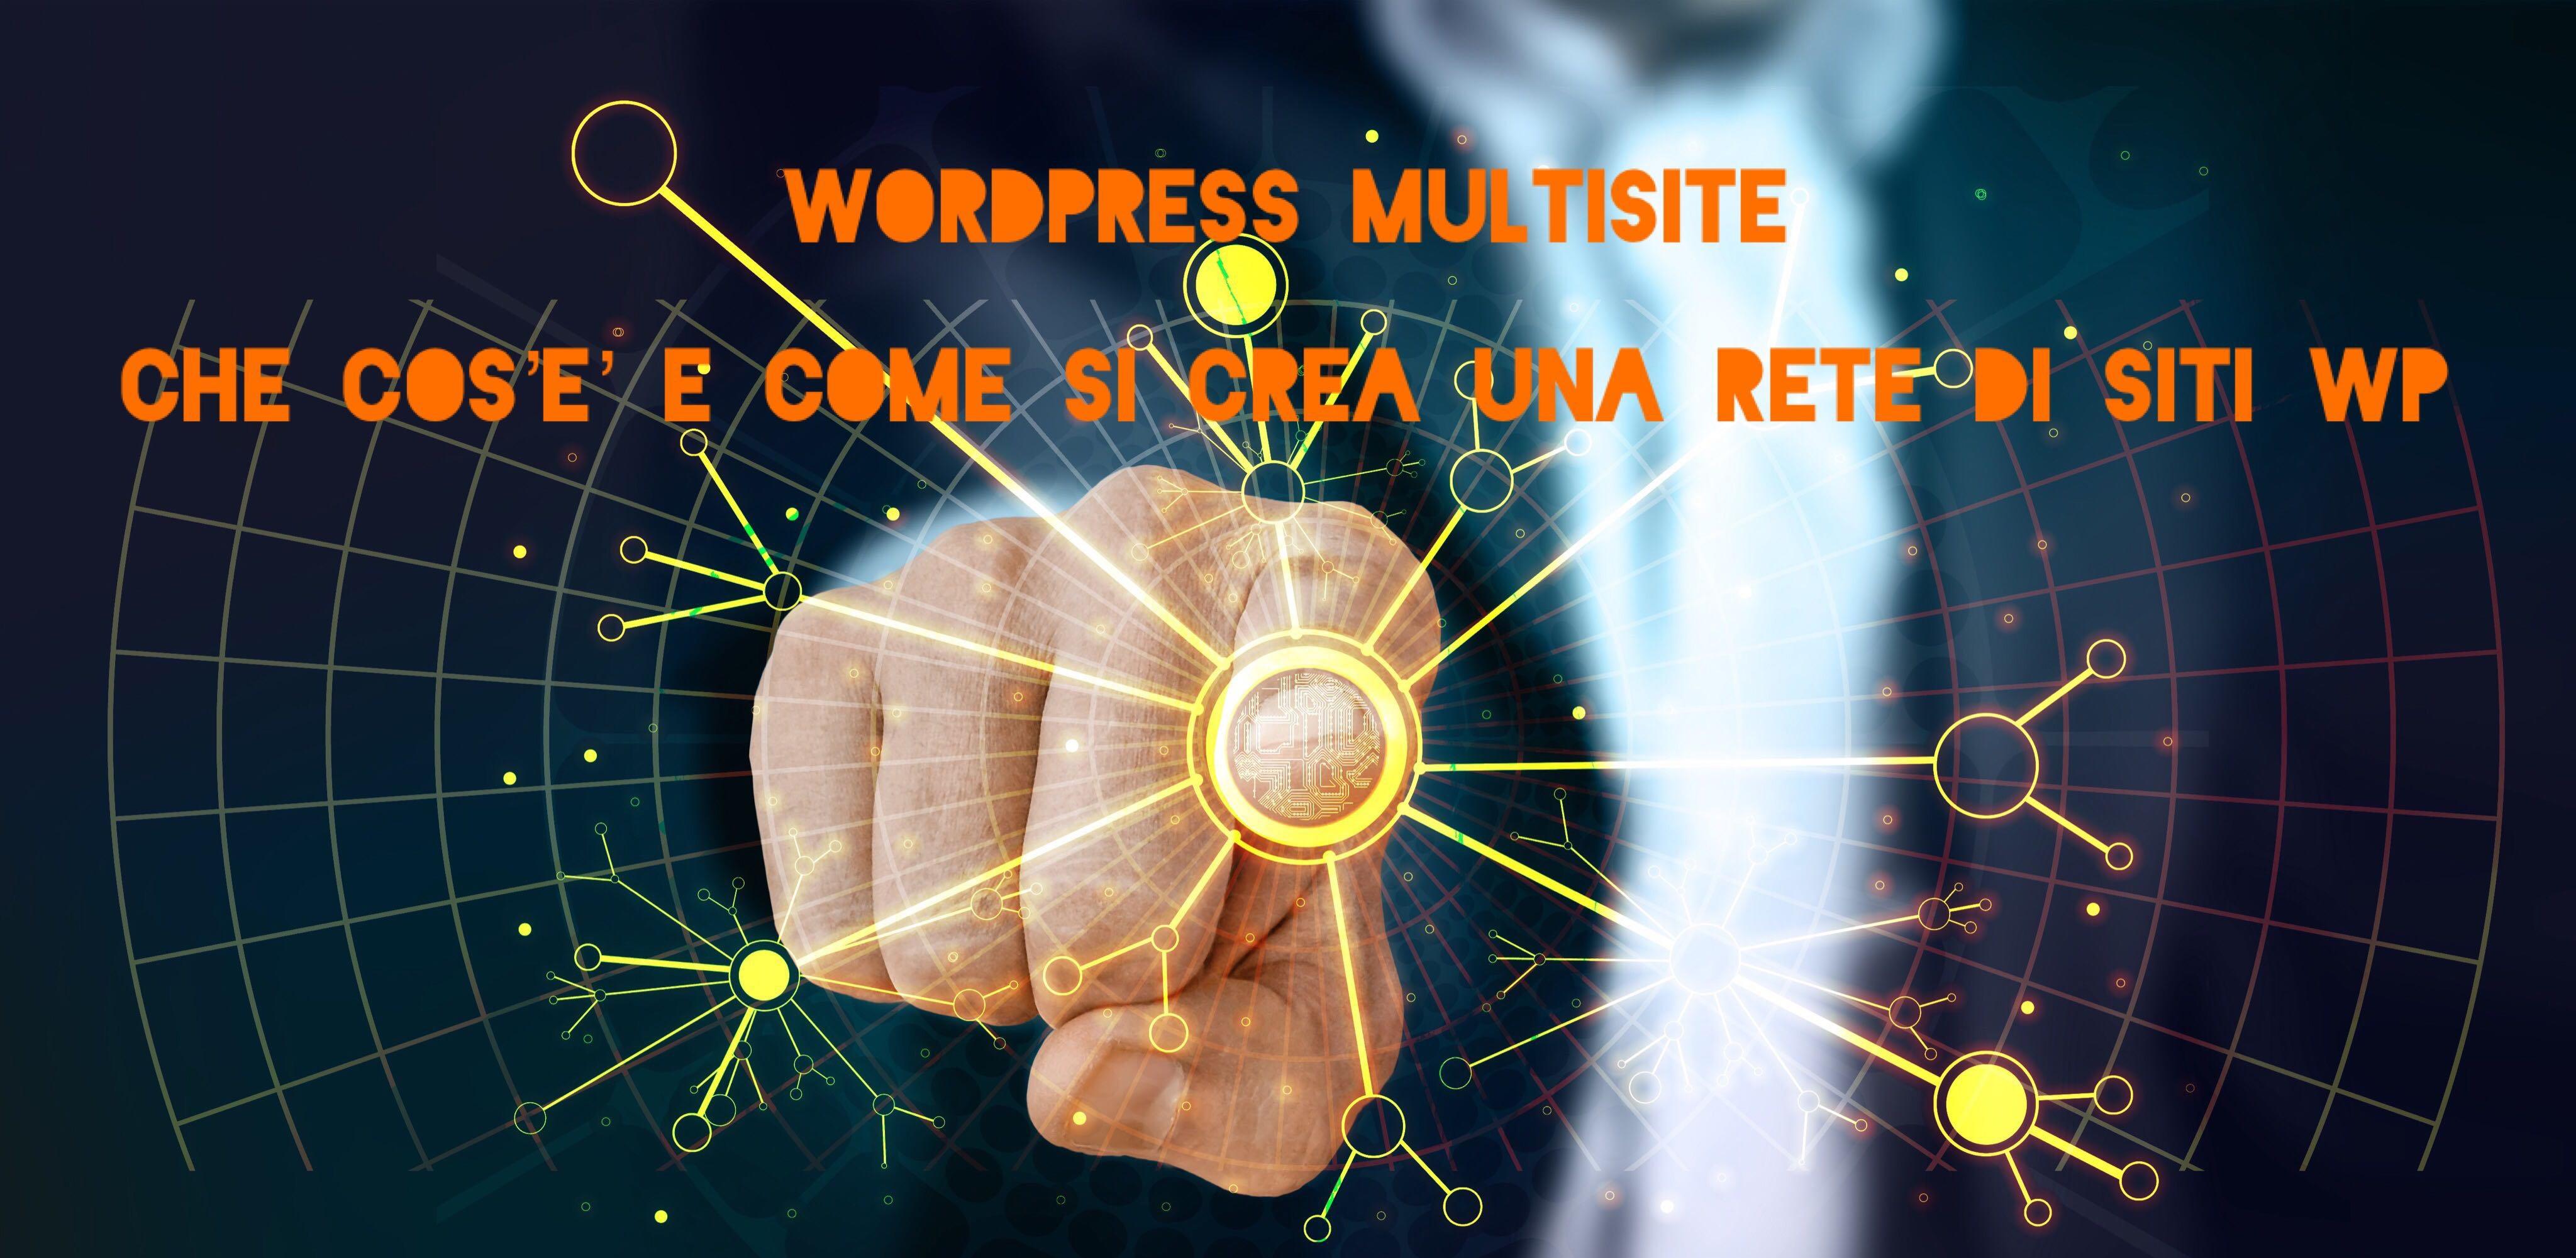 Wordpress Multisite: che cos'è e come si crea una rete di siti WP - la guida definitiva